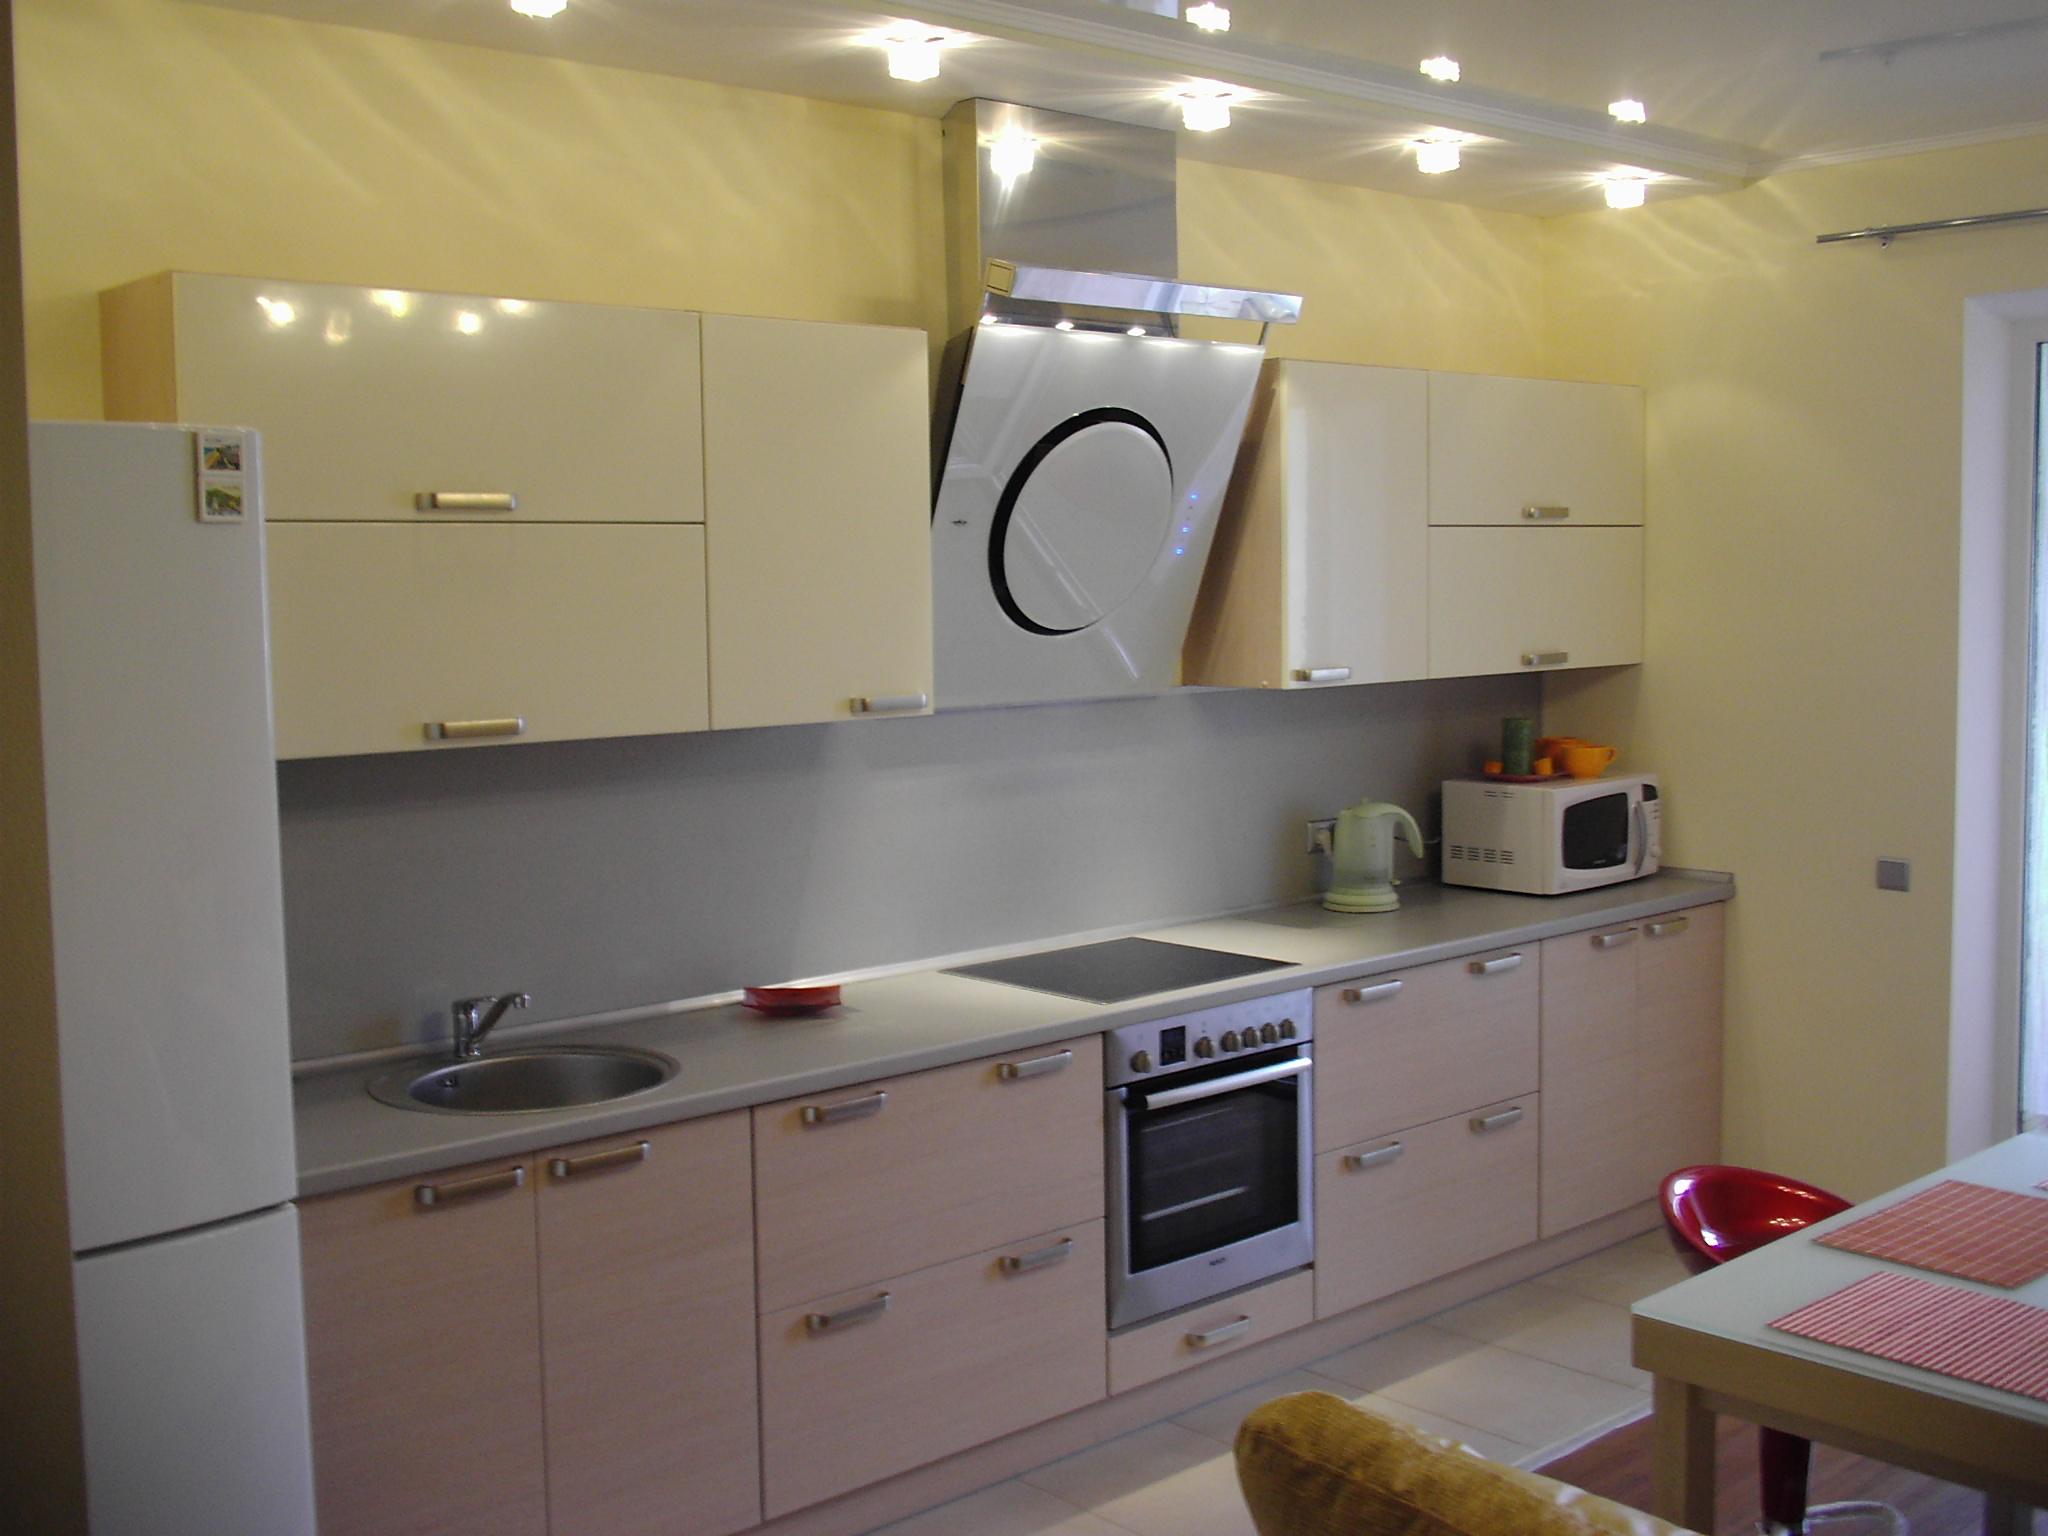 Кухня 3 метра прямая фото